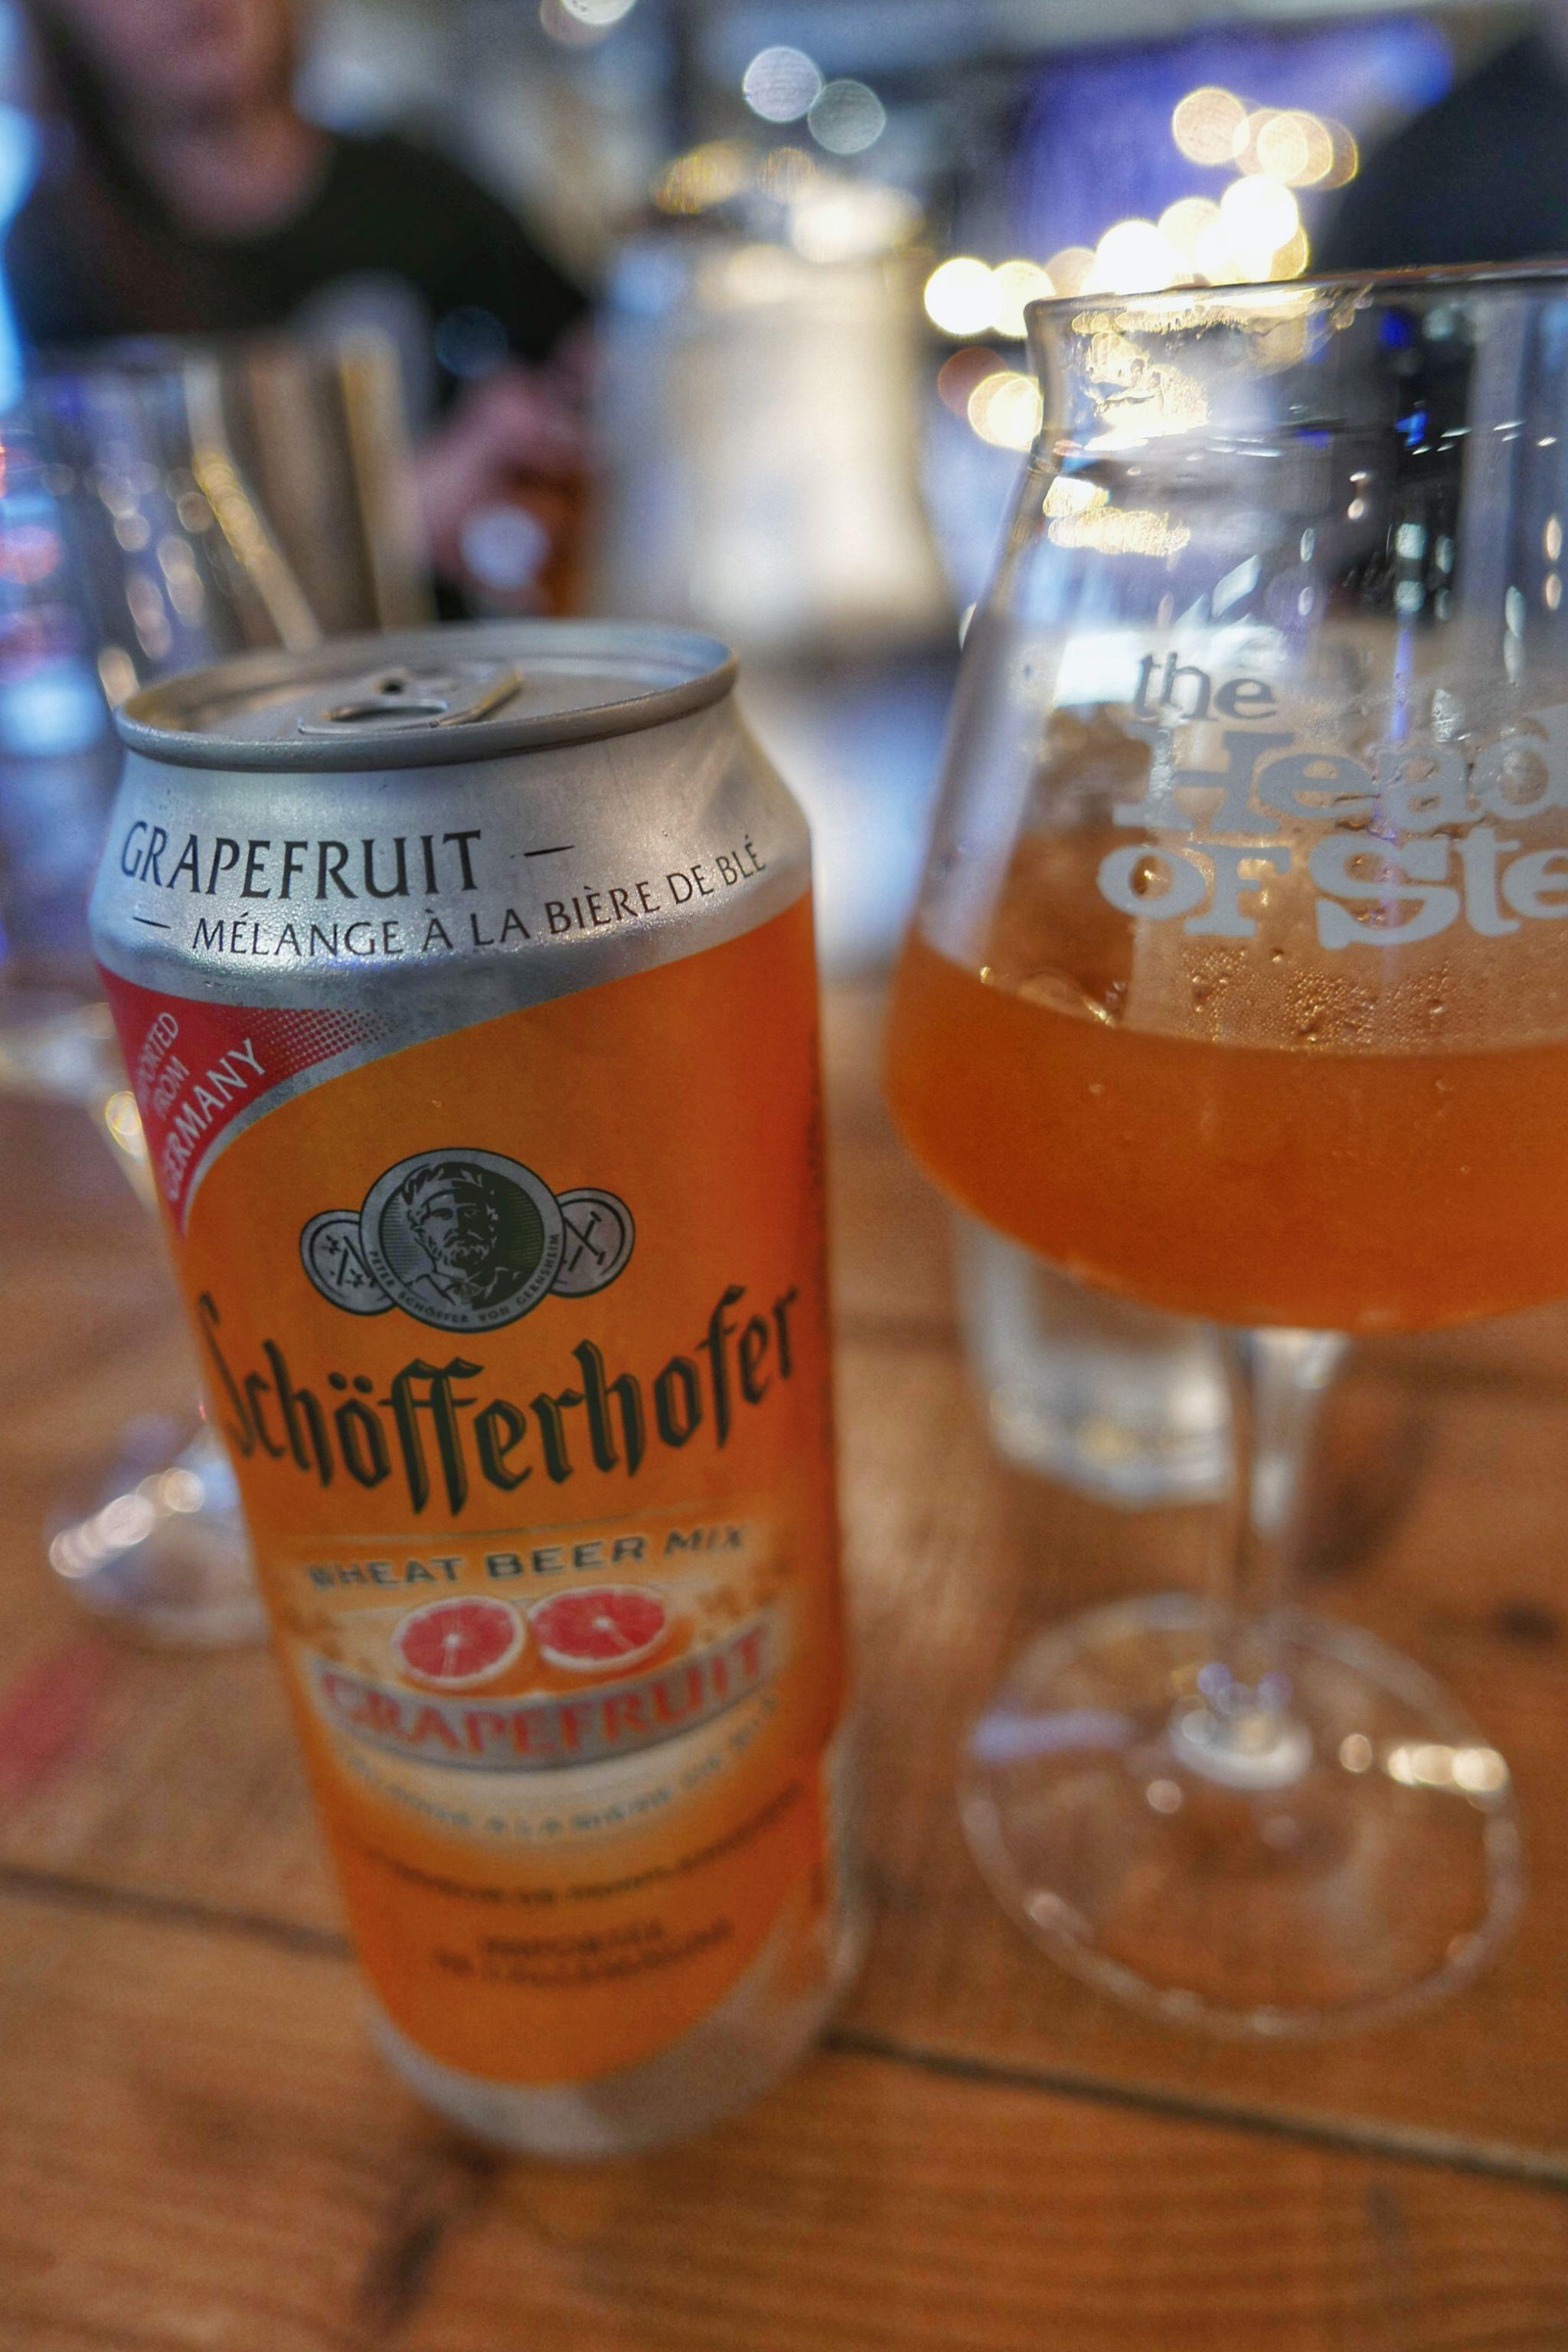 Schofferhofer, a German grapefruit wheat beer